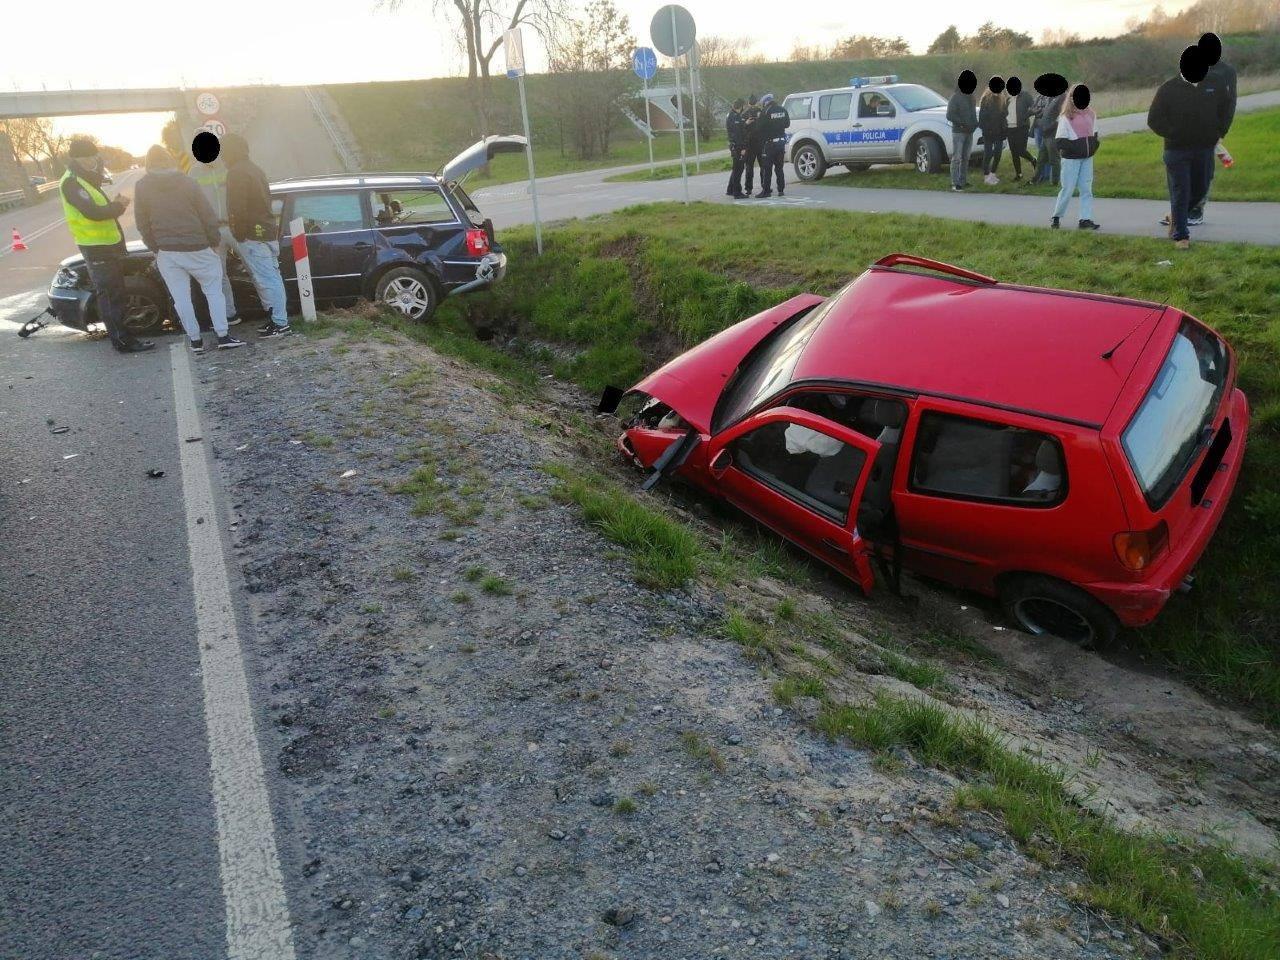 Gmina Parczew: Zderzenie dwóch aut. Podróżowało nimi w sumie 8 osób  - Zdjęcie główne